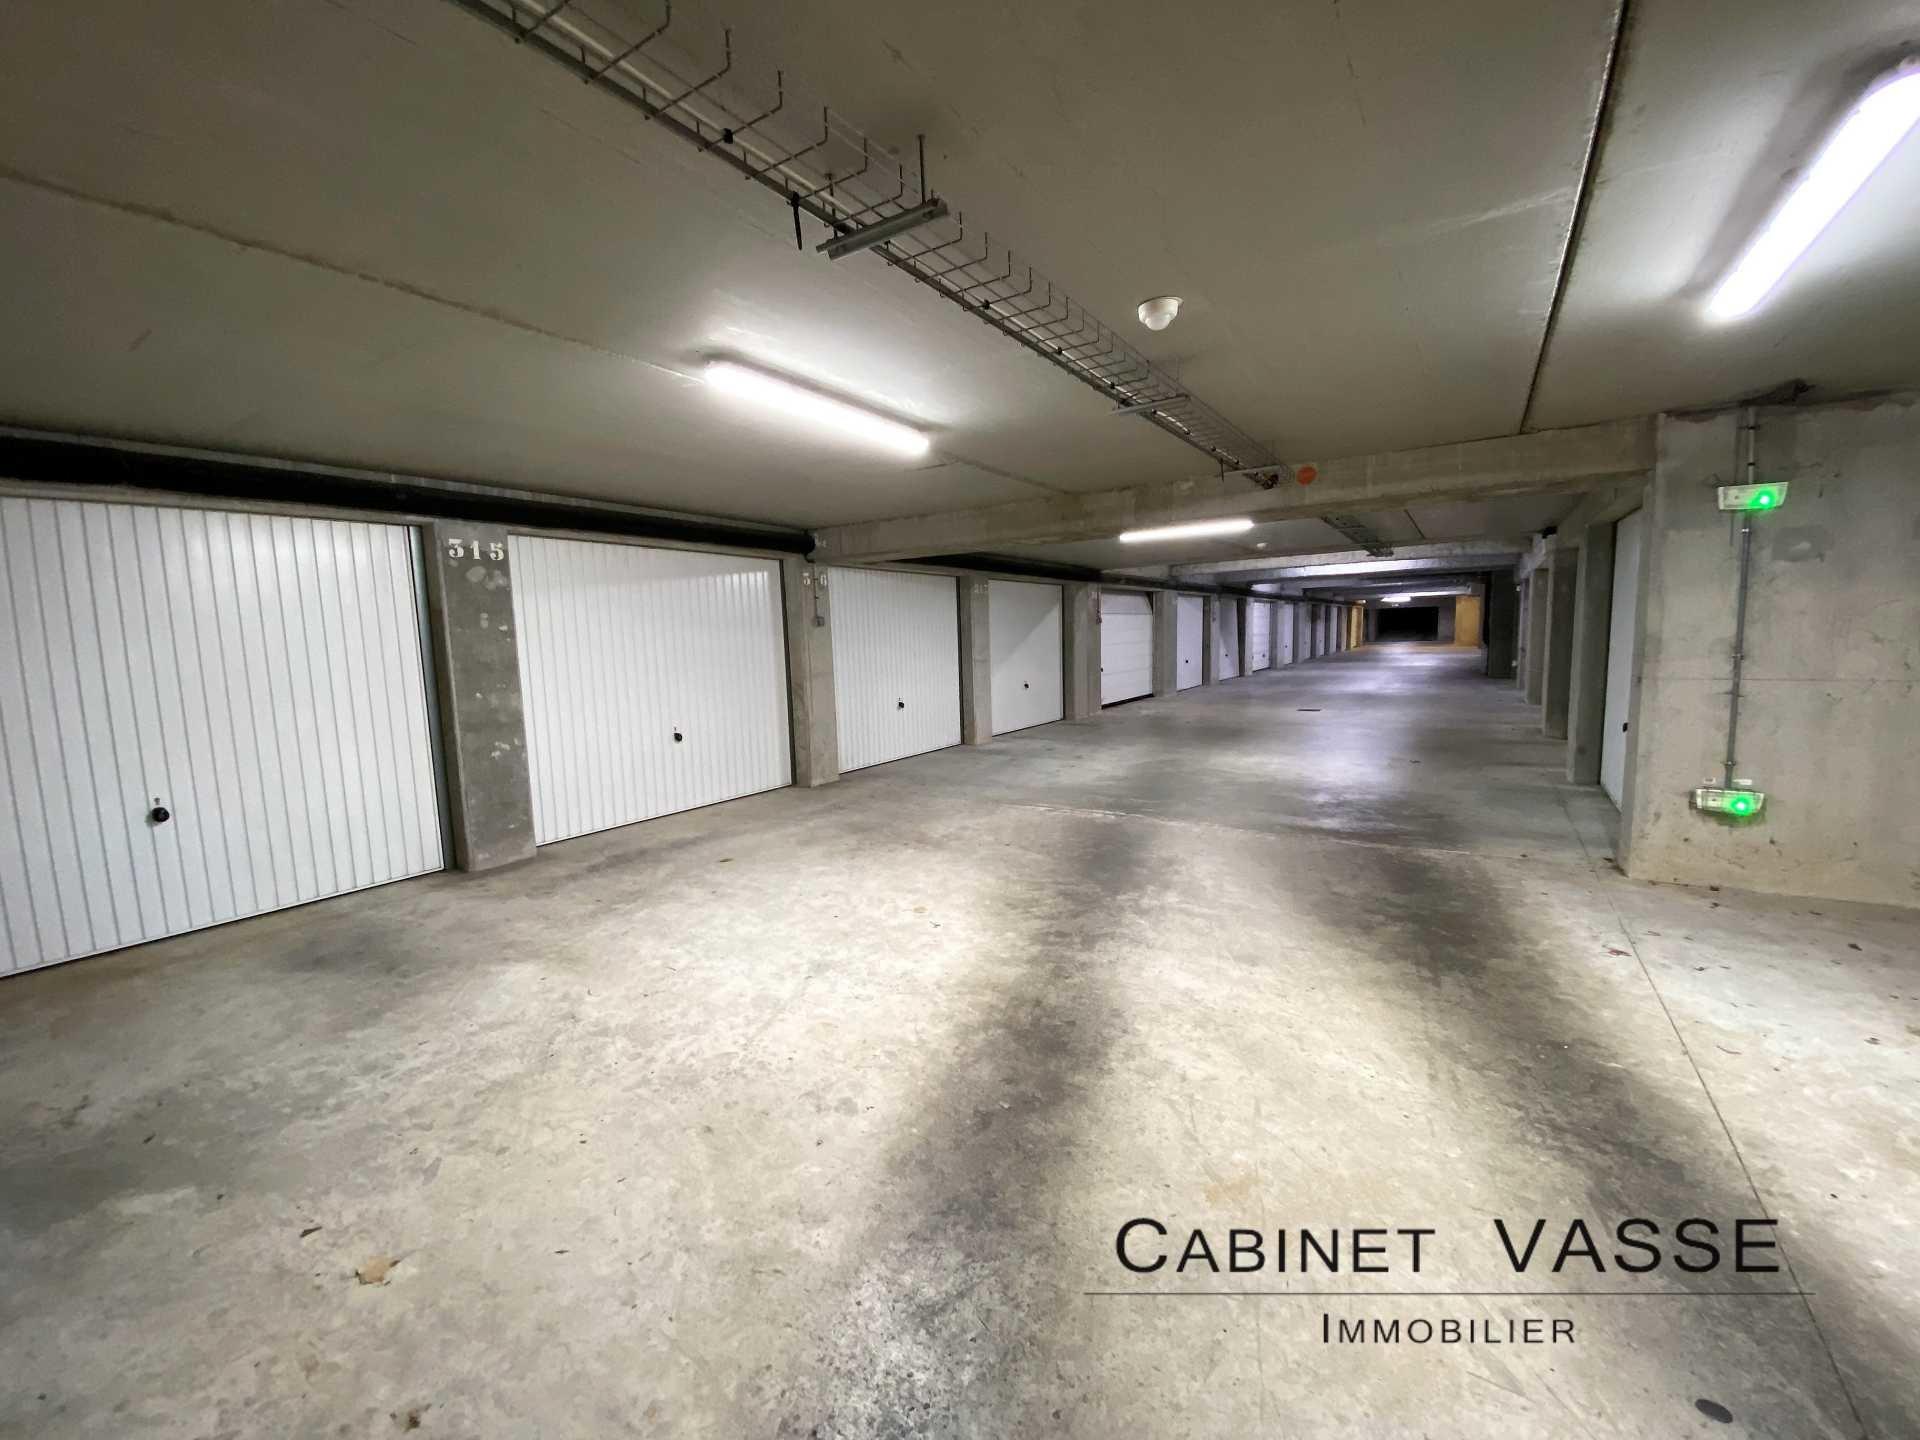 sous-sol, garages, mondeville, vasse,  a louer